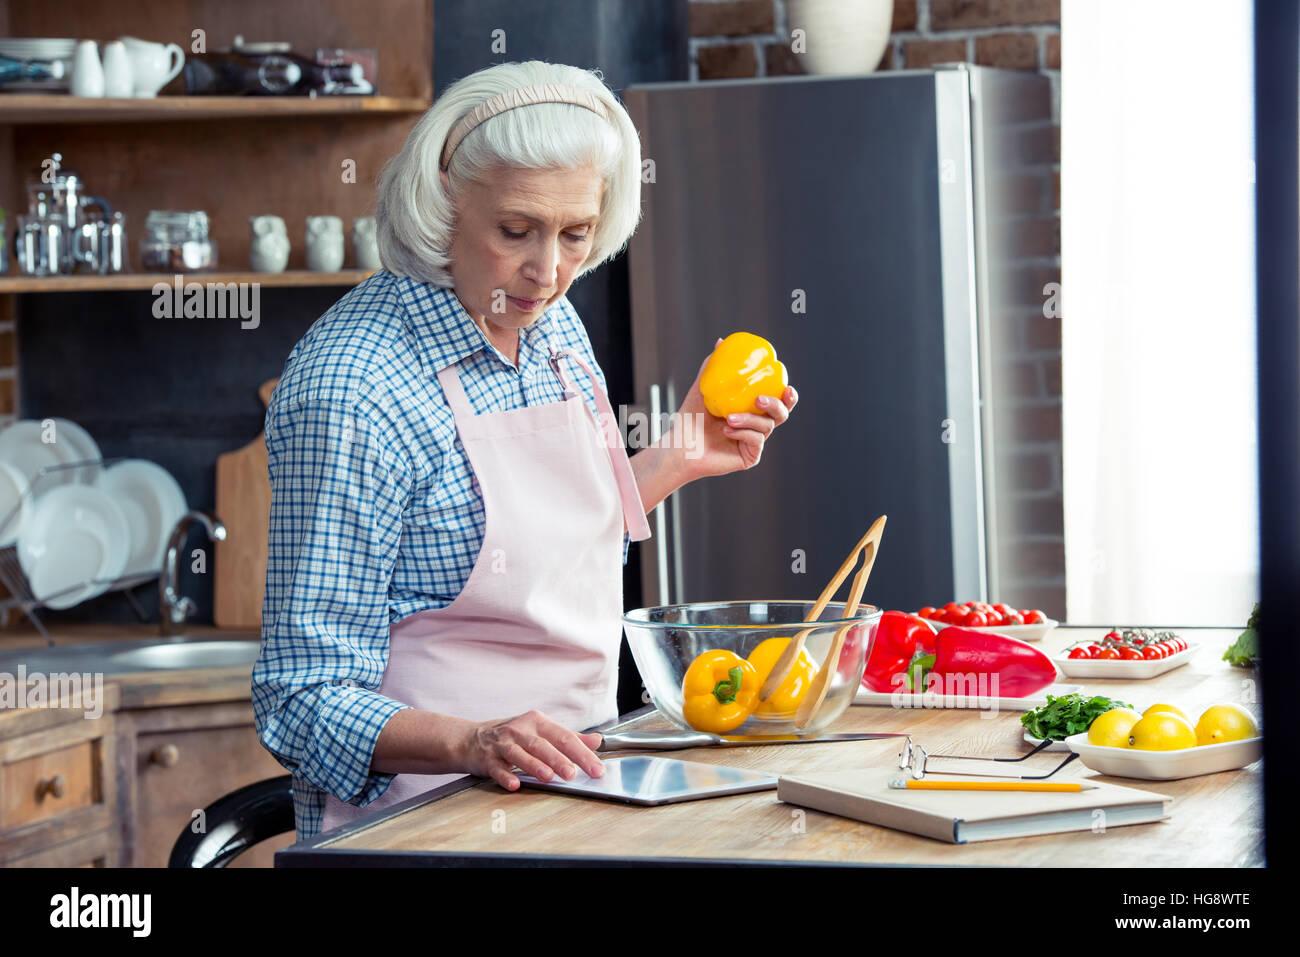 Mujer mayor utilizando digital tablet en la cocina mientras prepara ensalada de verduras Imagen De Stock